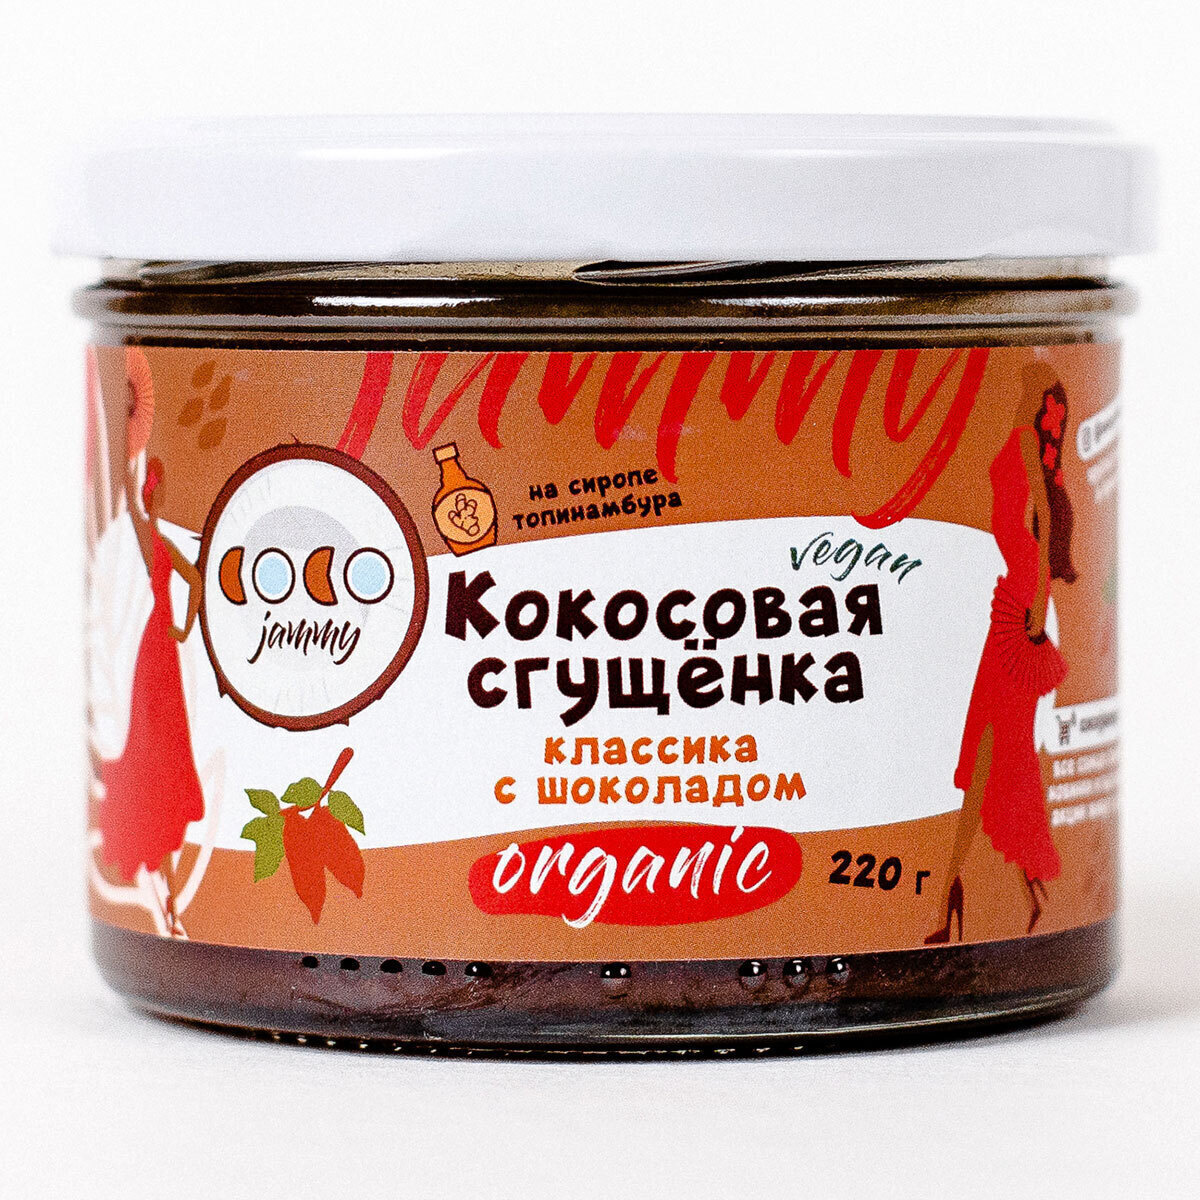 Шоколадная кокосовая сгущёнка, CoСоJammy, постная, веган, 220 грамм  #1